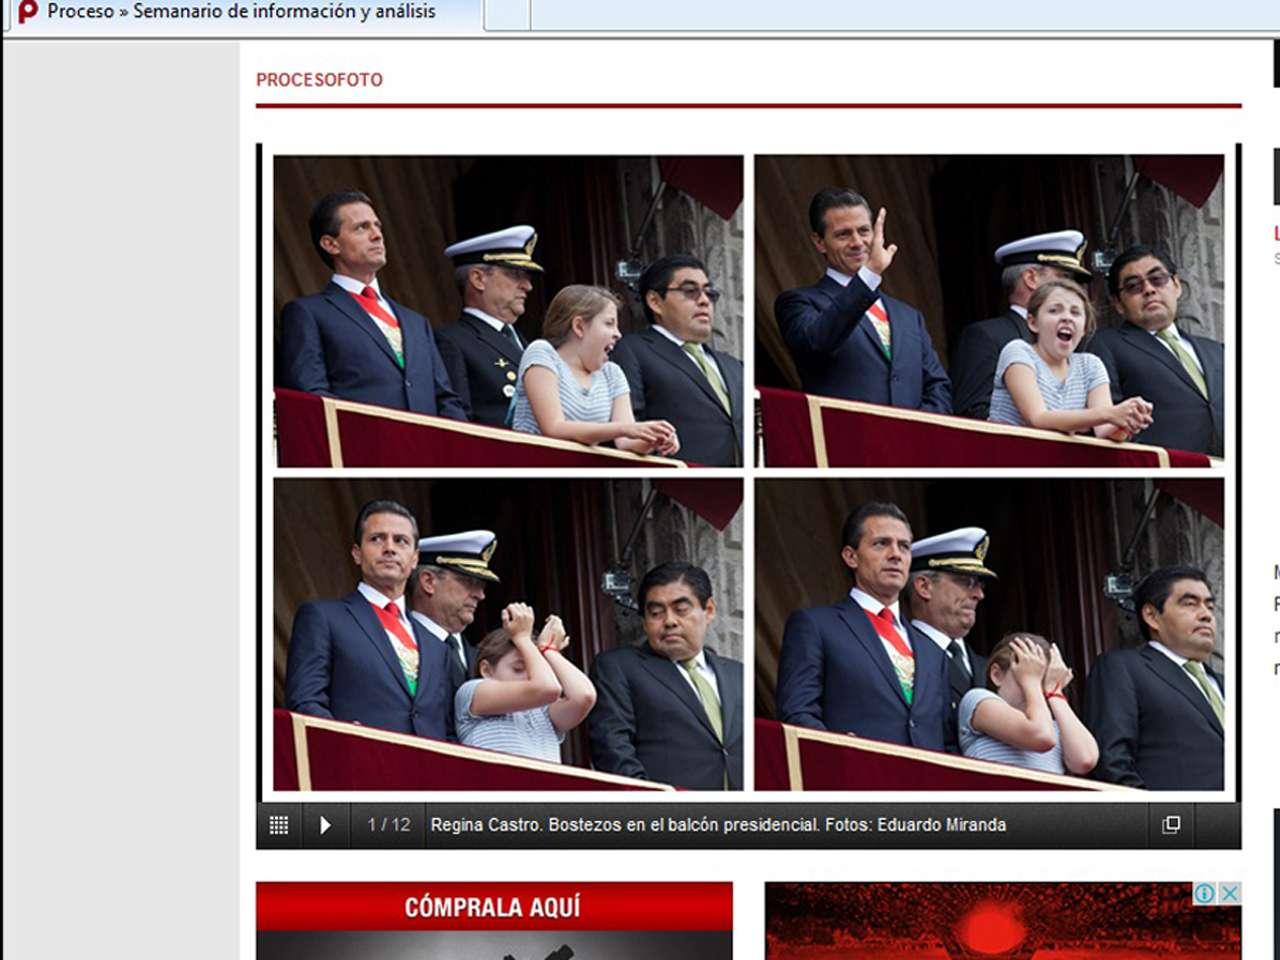 El semanario Proceso realizó publicó en su sitio web una composición con las imágenes de la hijastra del presidente Foto: Especial/Imagen tomada de proceso.com.mx